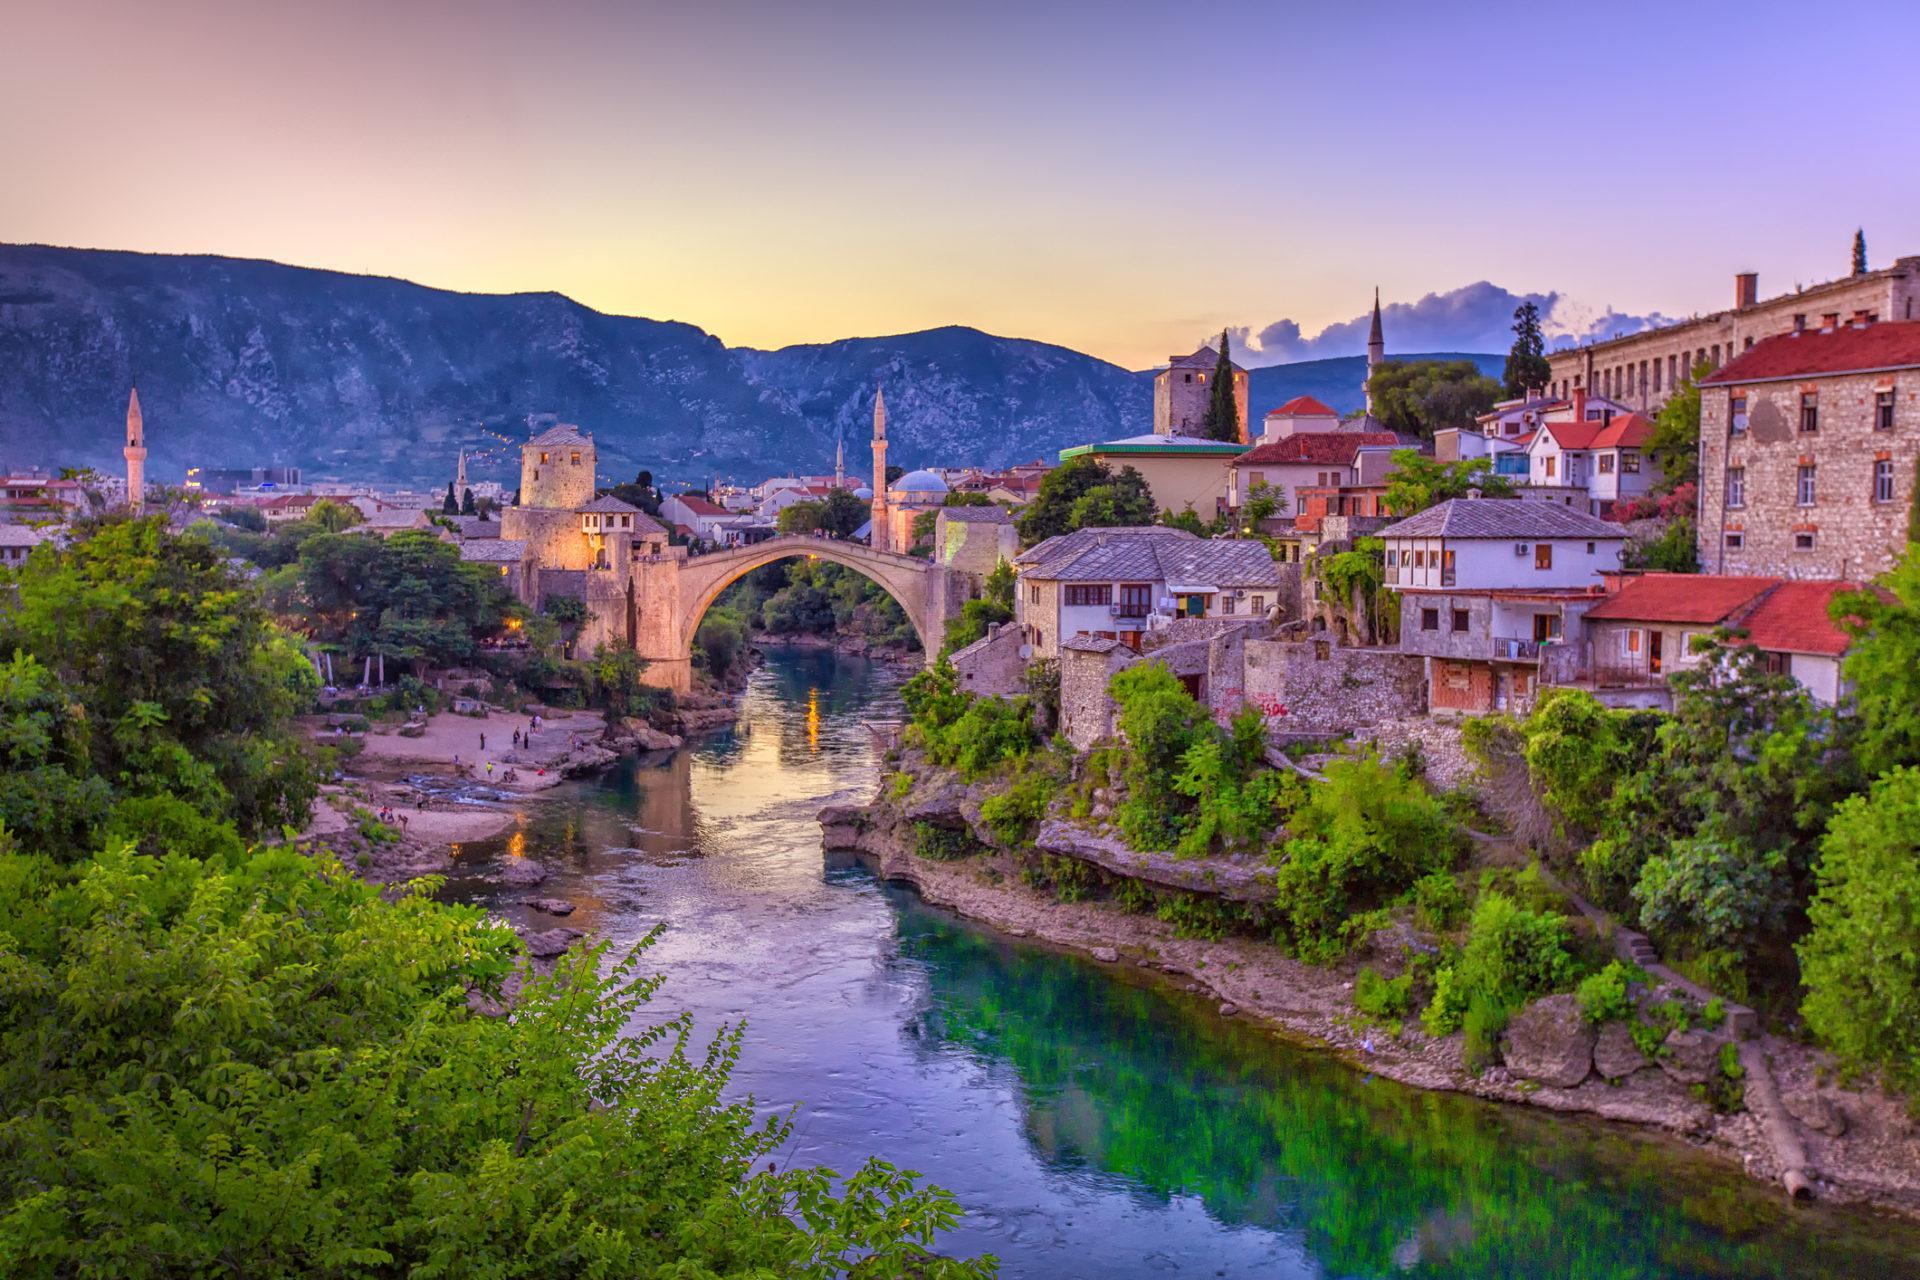 דרכון פורטוגלי ליוצאי מדינות בלקן